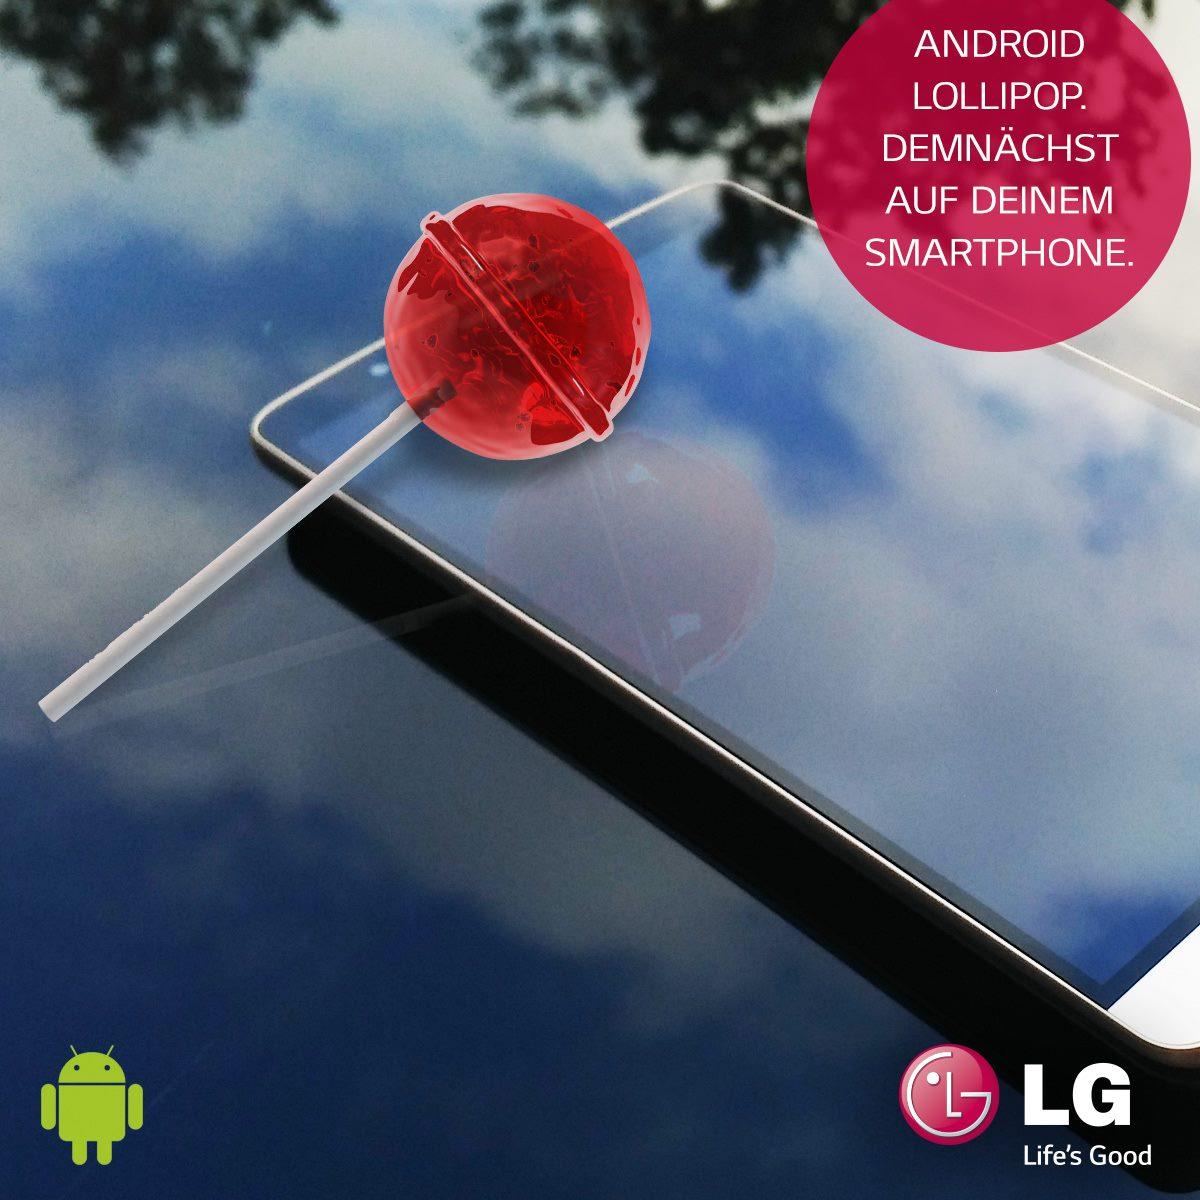 Así anunció LG la llegada del LG G3 en Polonia.